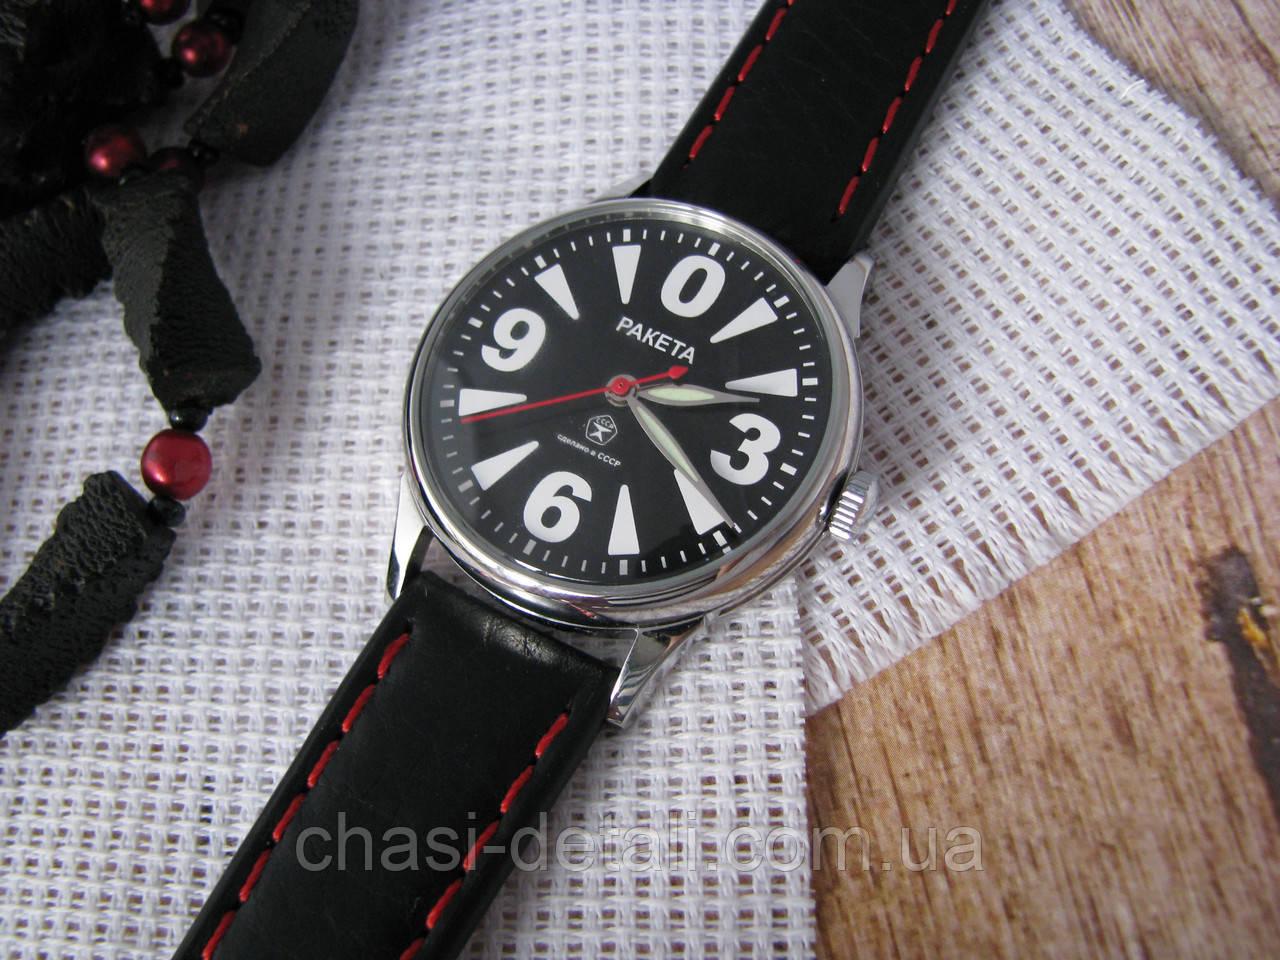 Часы Ракета - Буран, наручные. Механизм советский